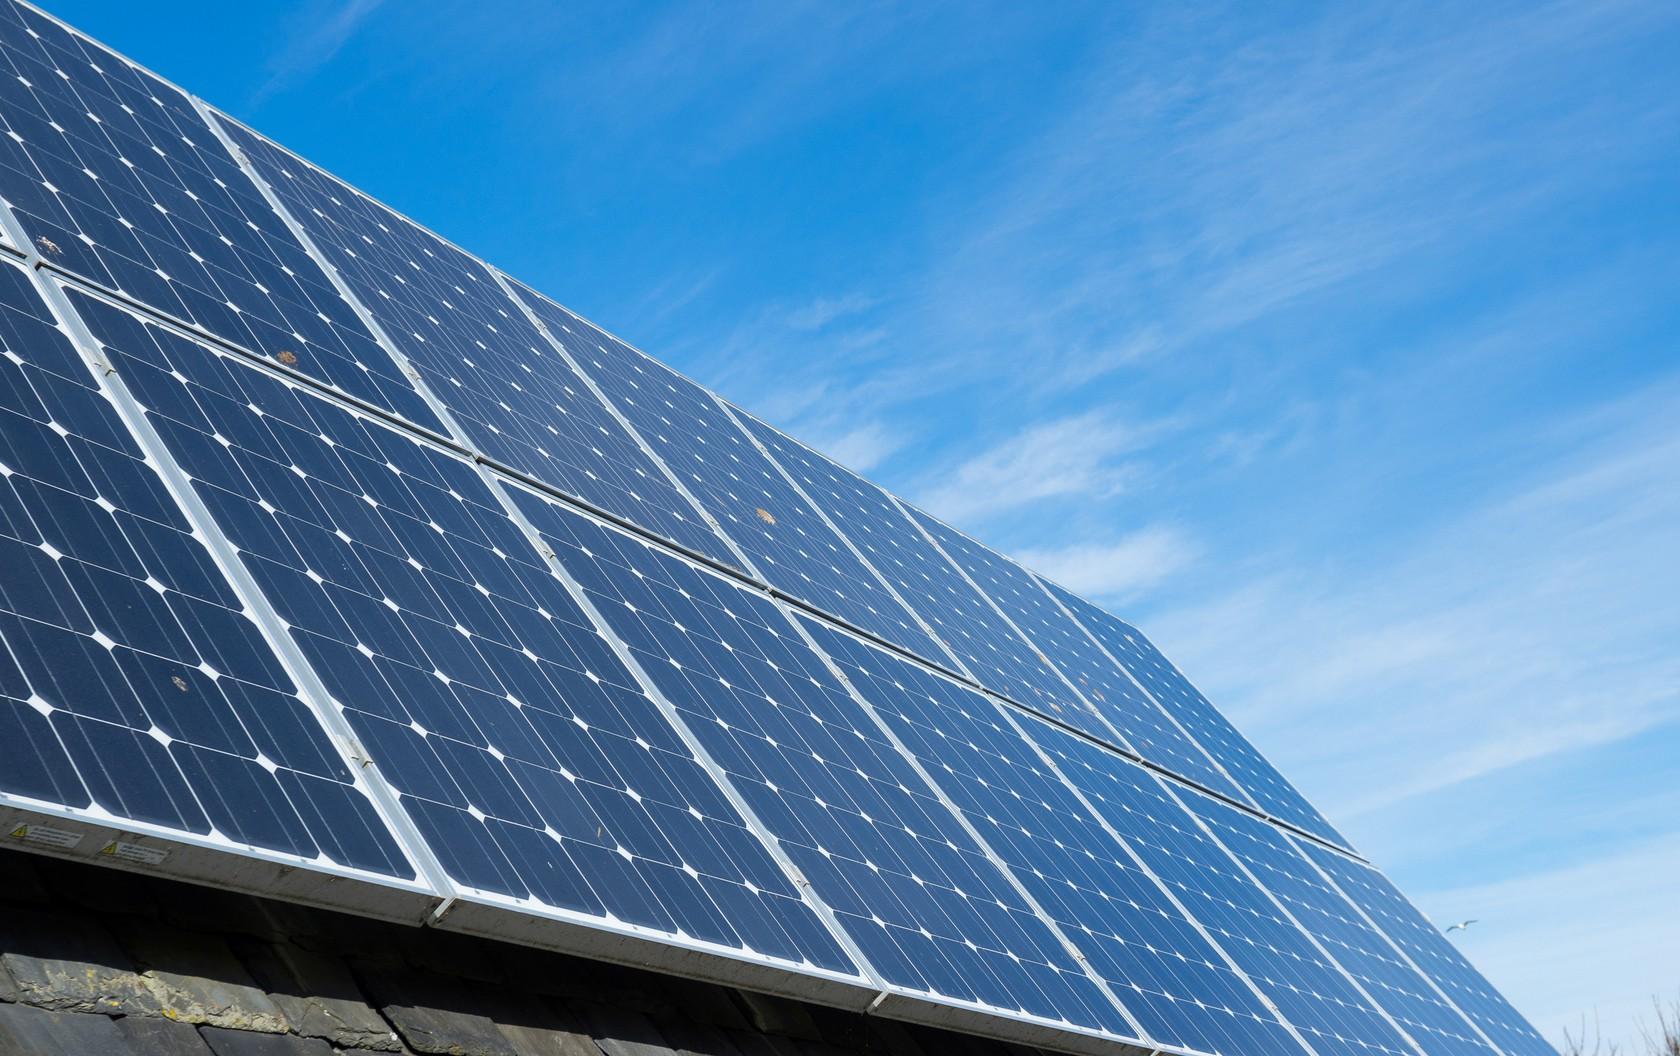 Zmiany rozliczeń energii dla prosumentów od stycznia 2022